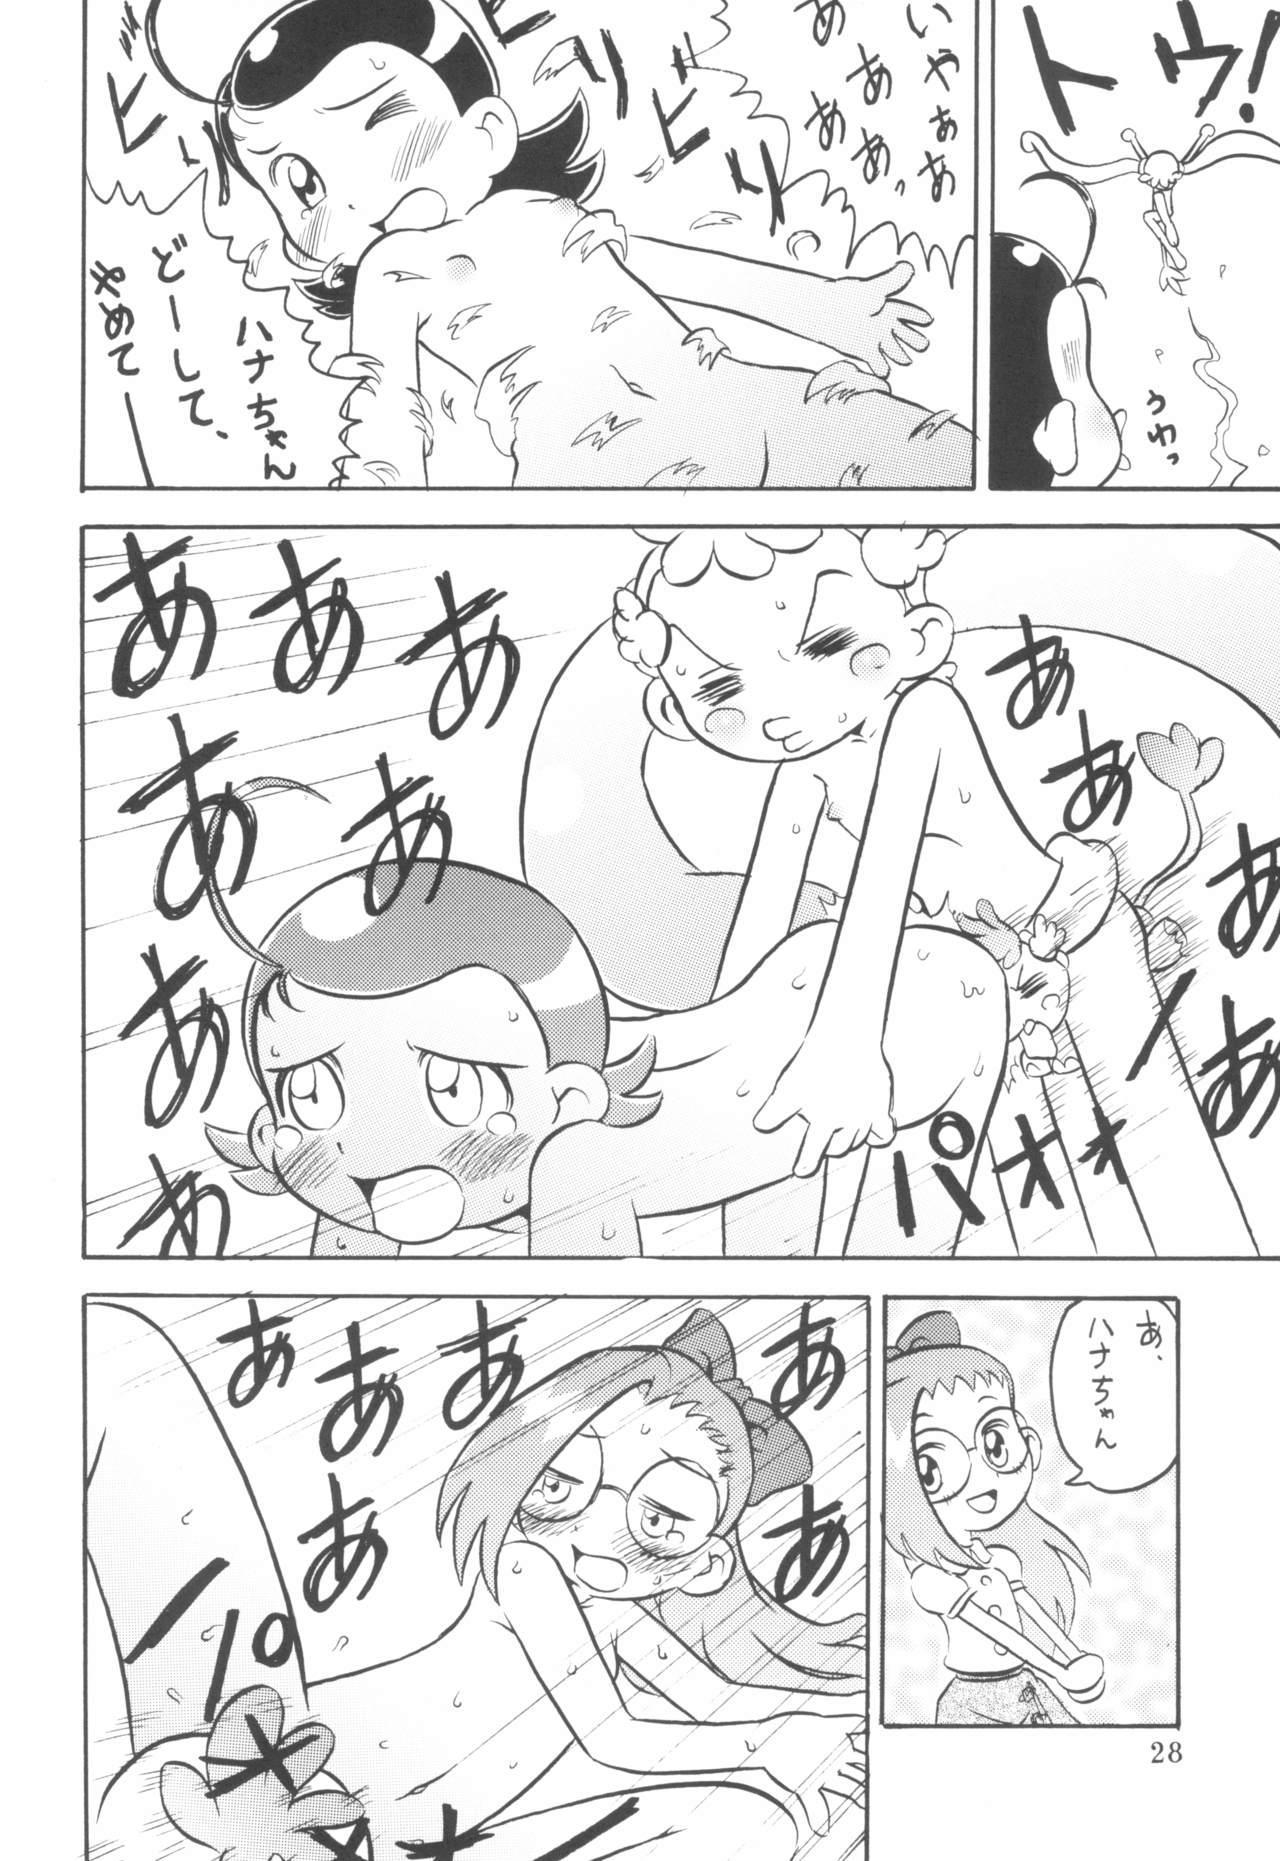 Hinnyuu Musume Vol.11 29